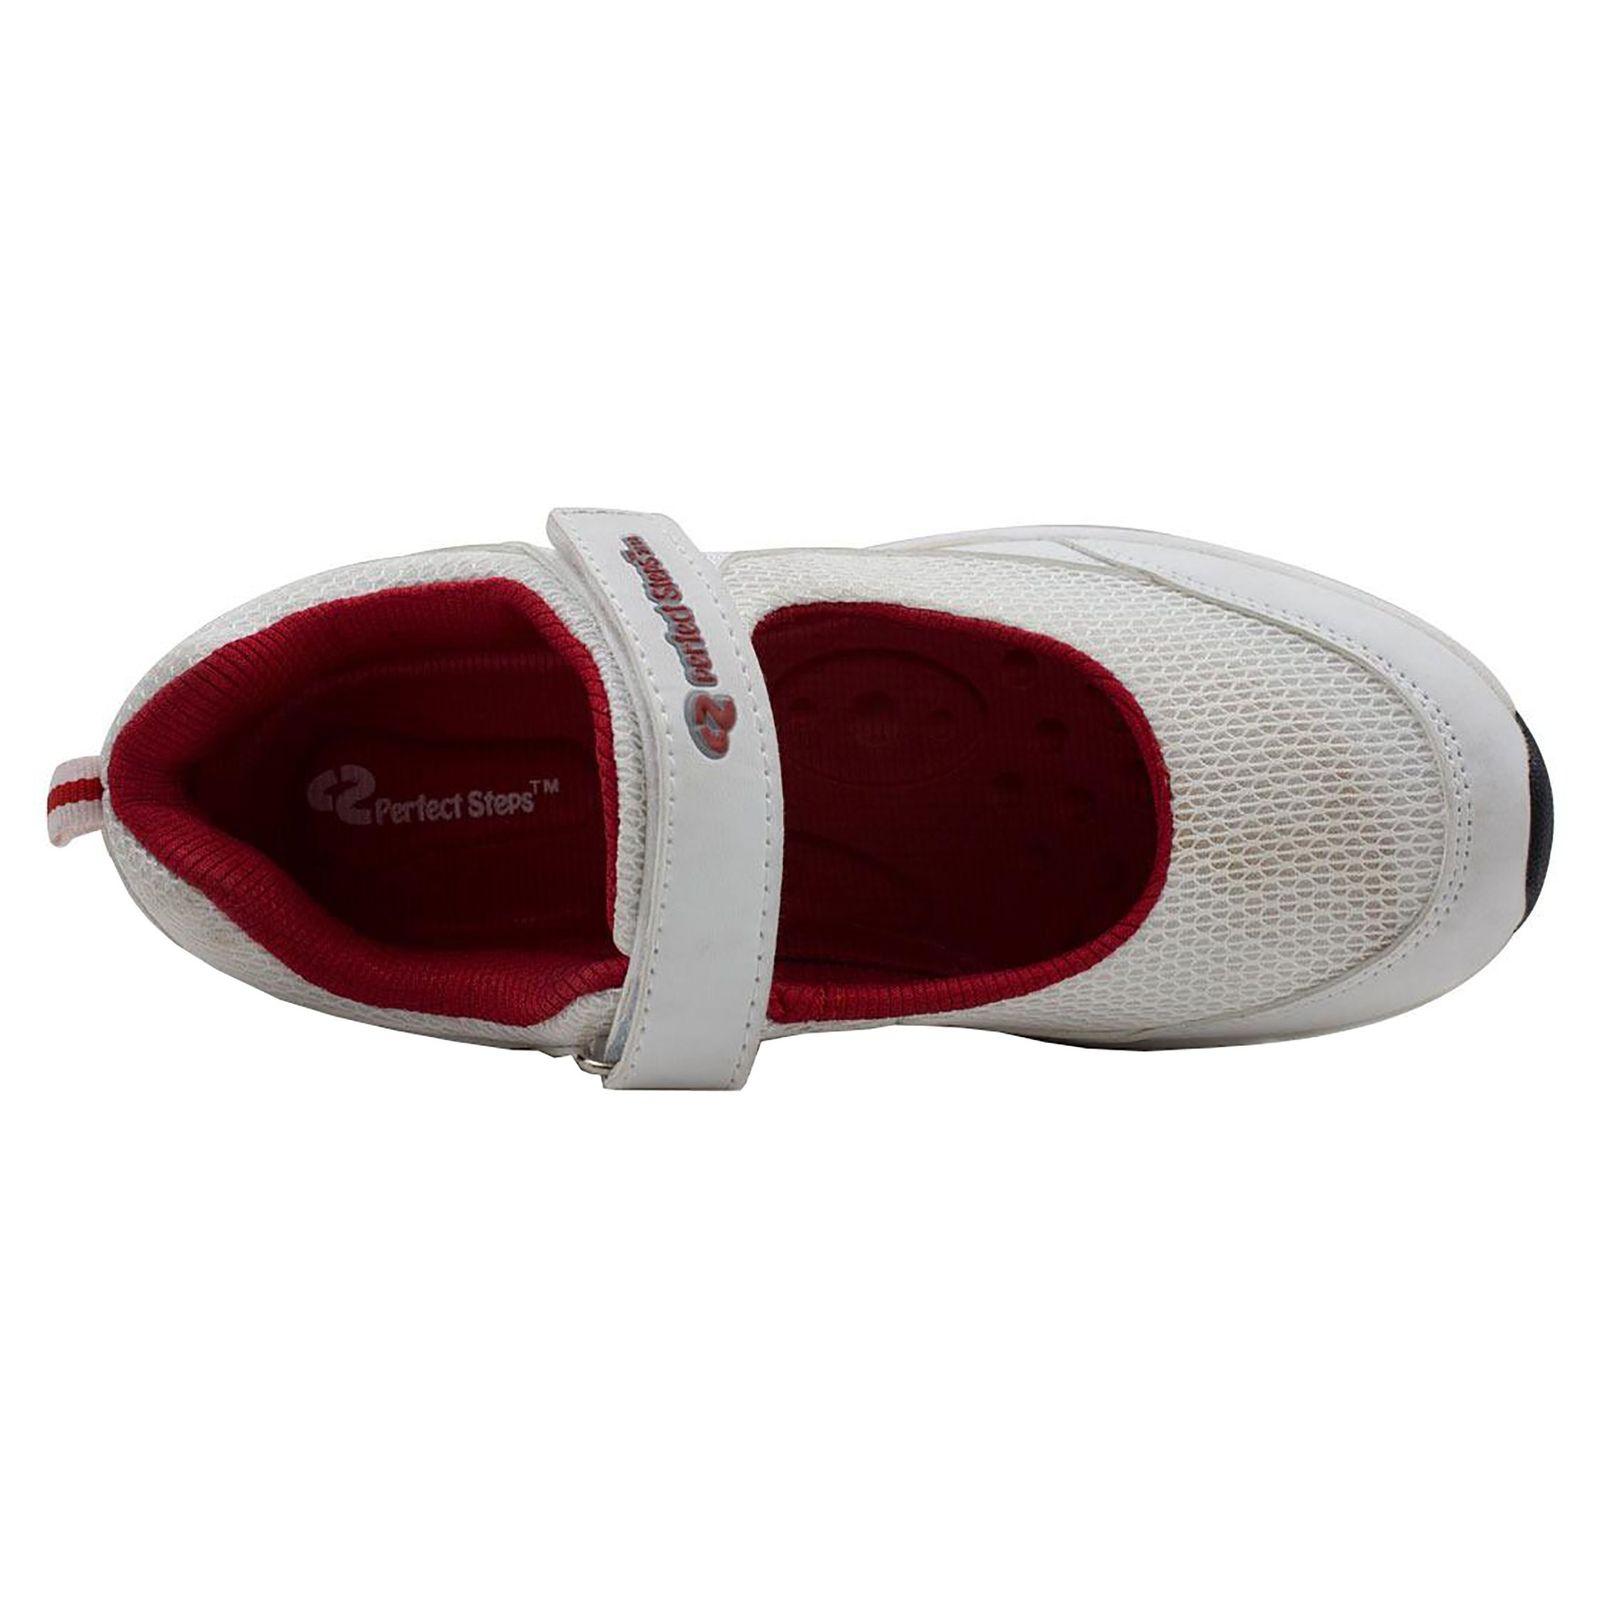 کفش مخصوص پیاده روی زنانه پرفکت استپس مدل آرمیس main 1 3